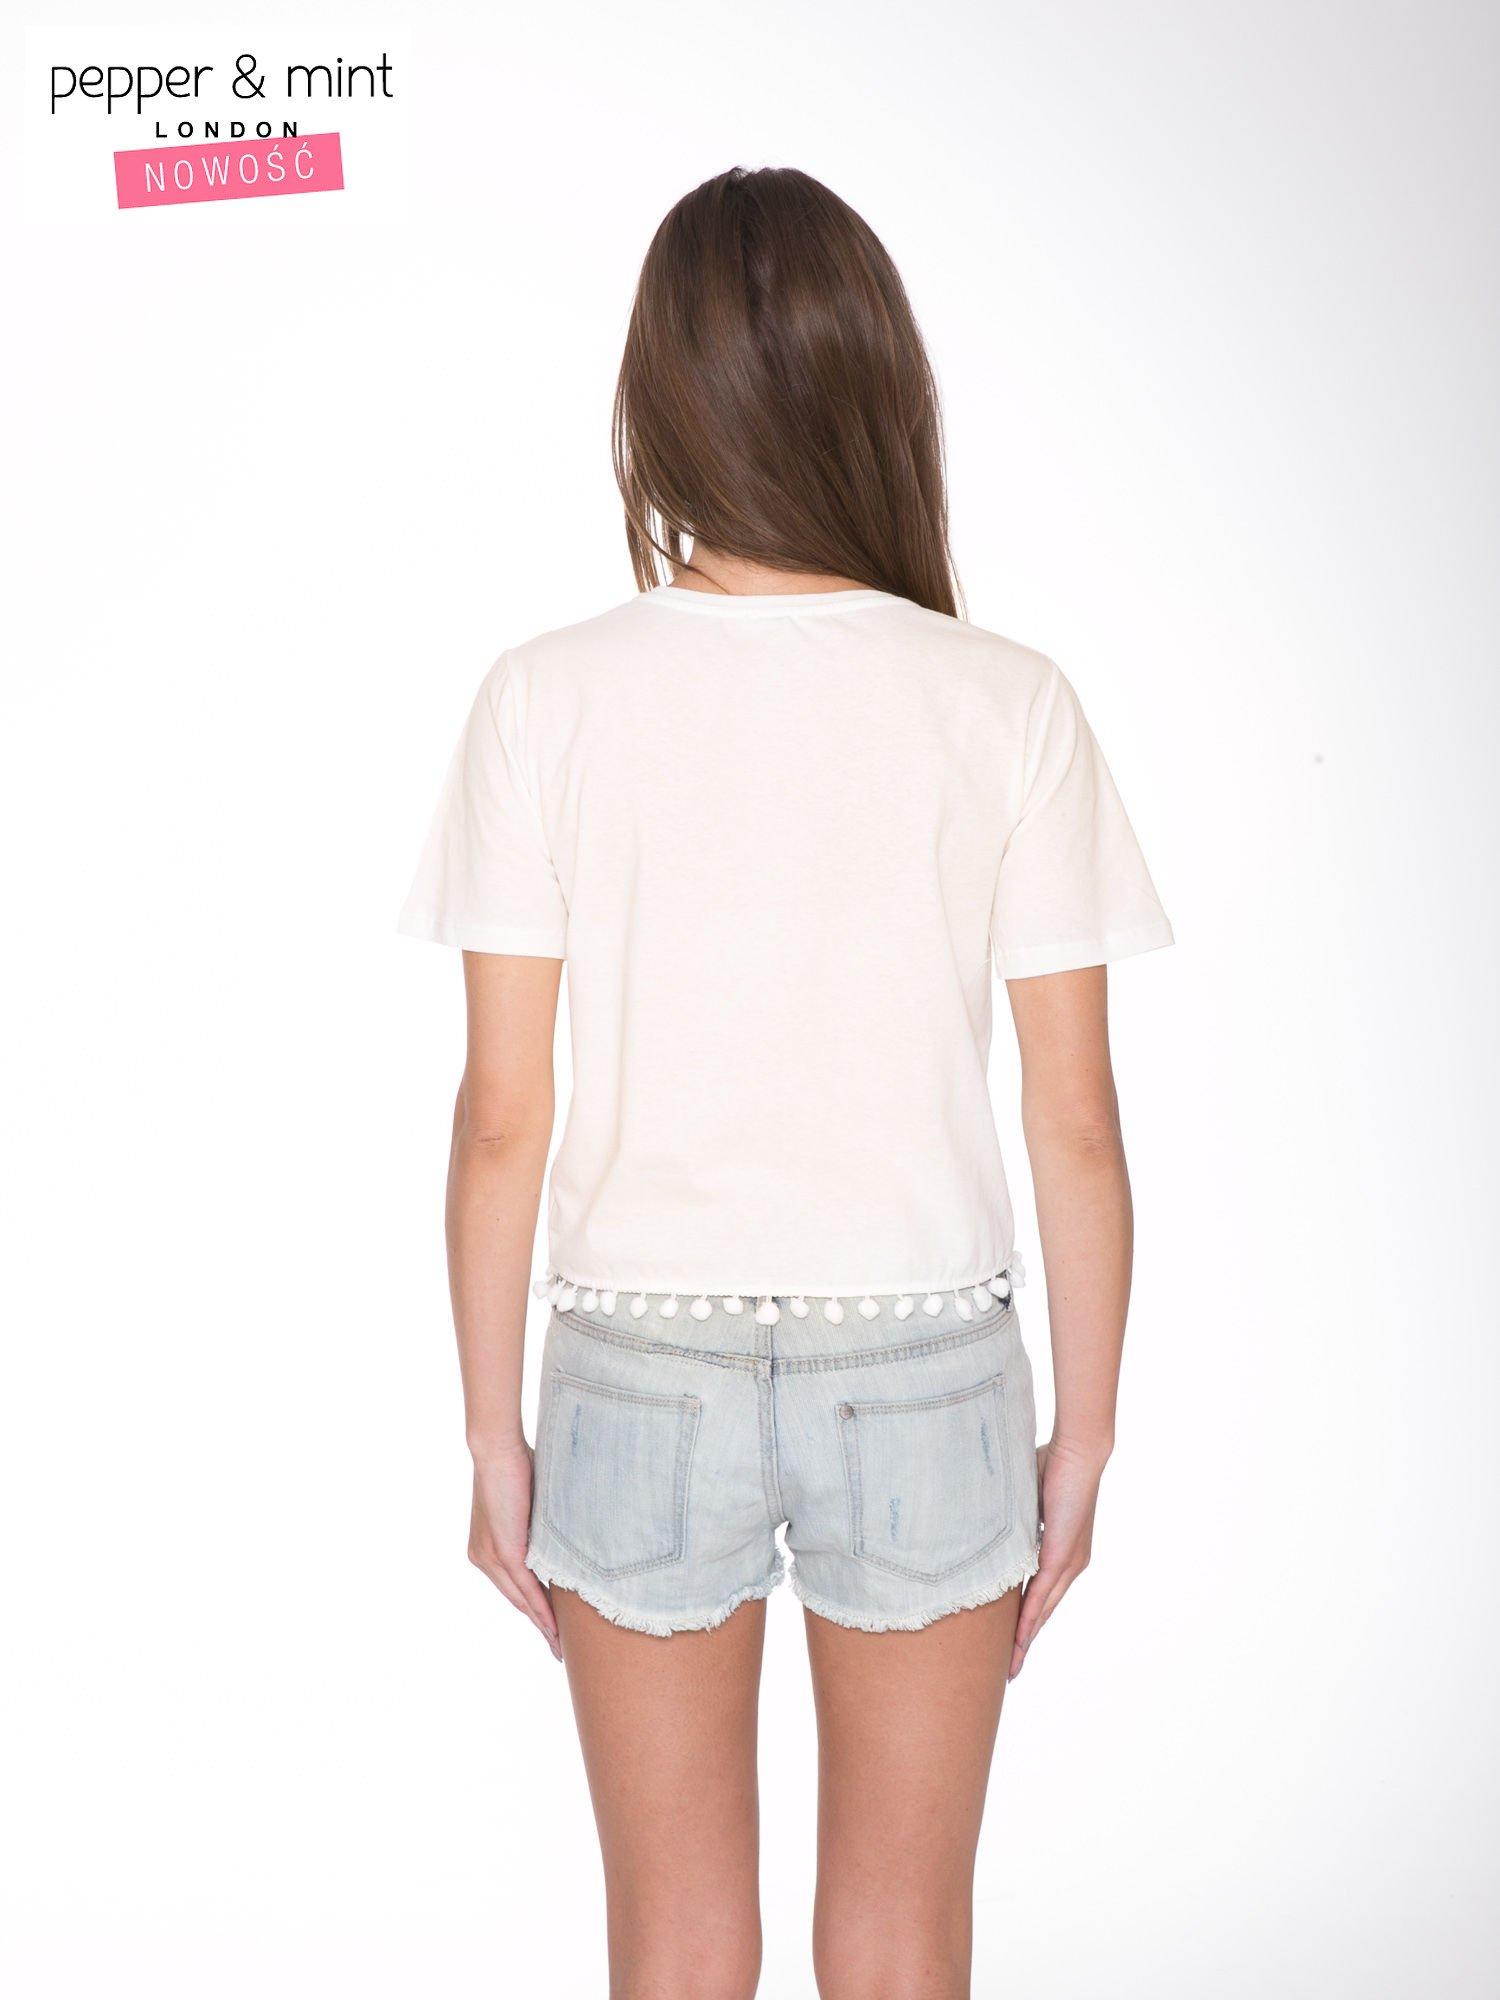 Ecru t-shirt z nadrukiem CUTE i pomponami w stylu etno                                  zdj.                                  4